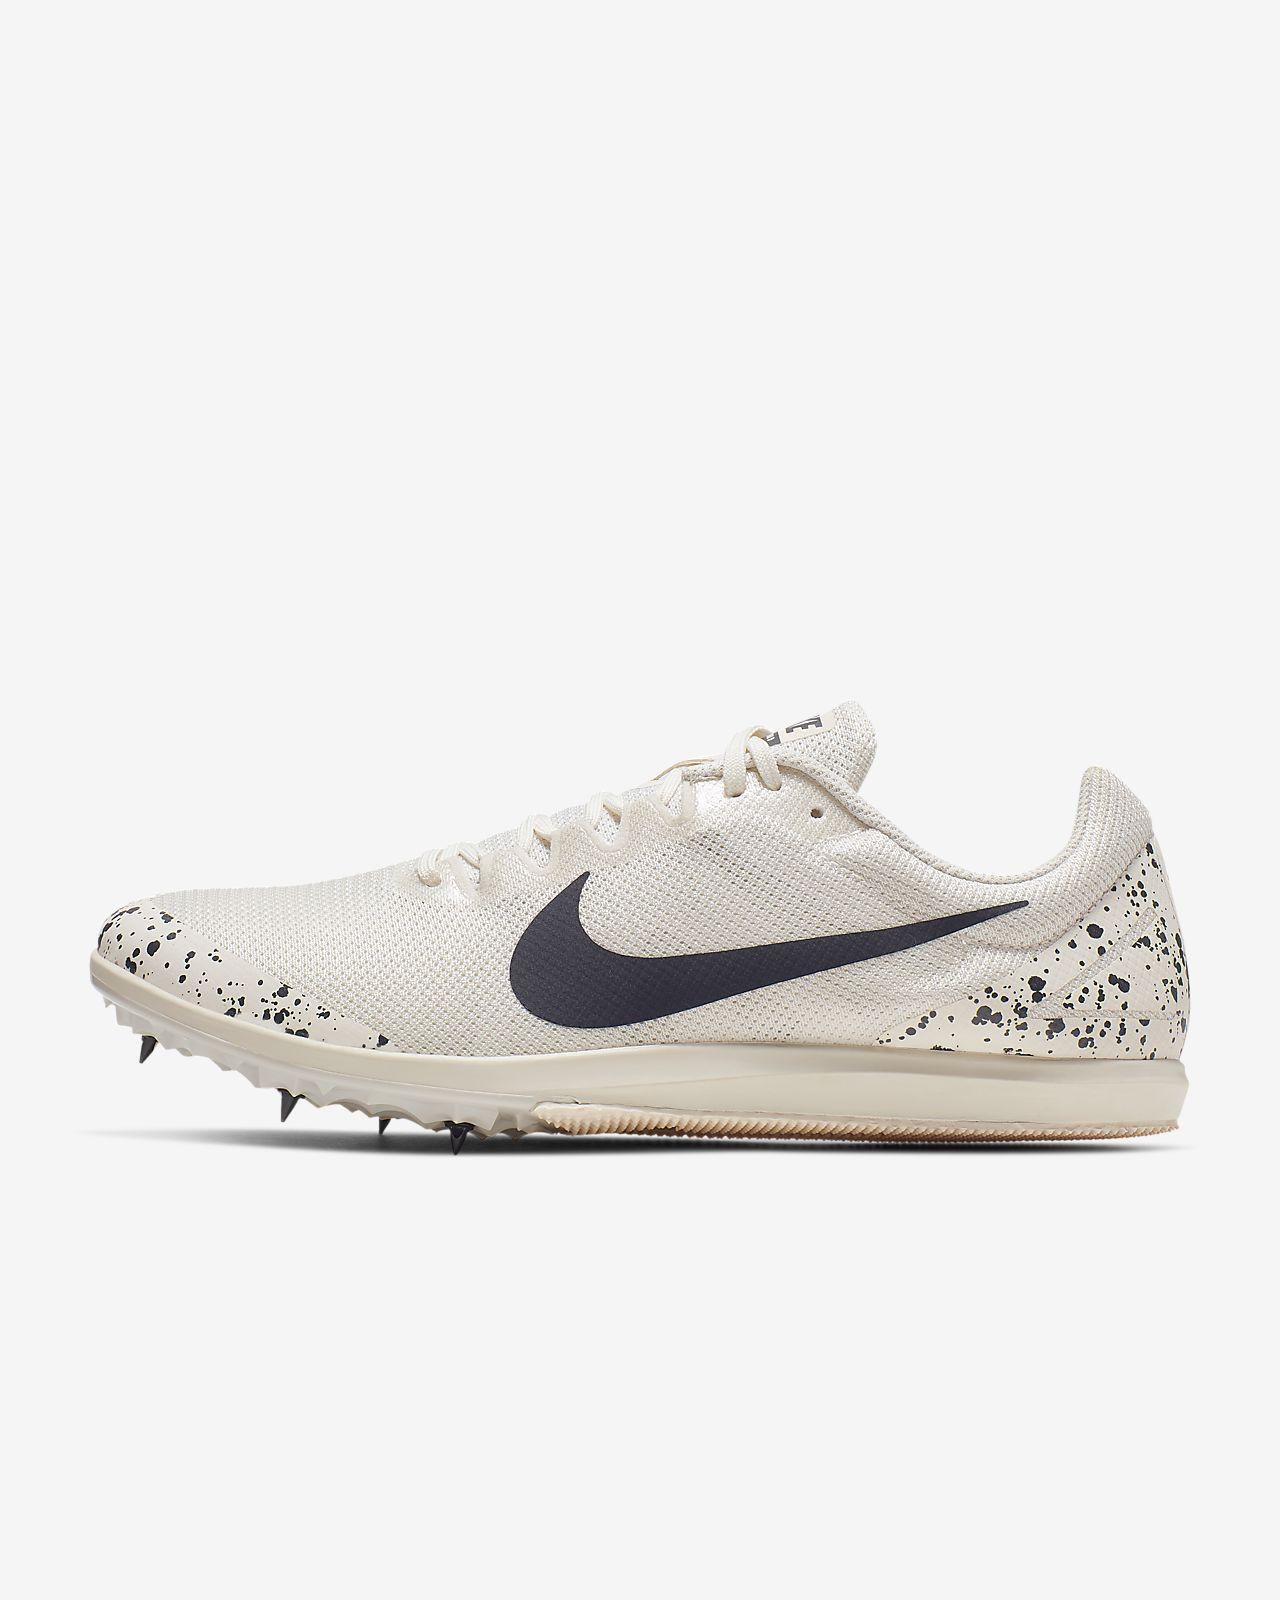 Course Nike Rival De D Chaussure Pointes Mixte Zoom À 10 VpSUMqzG